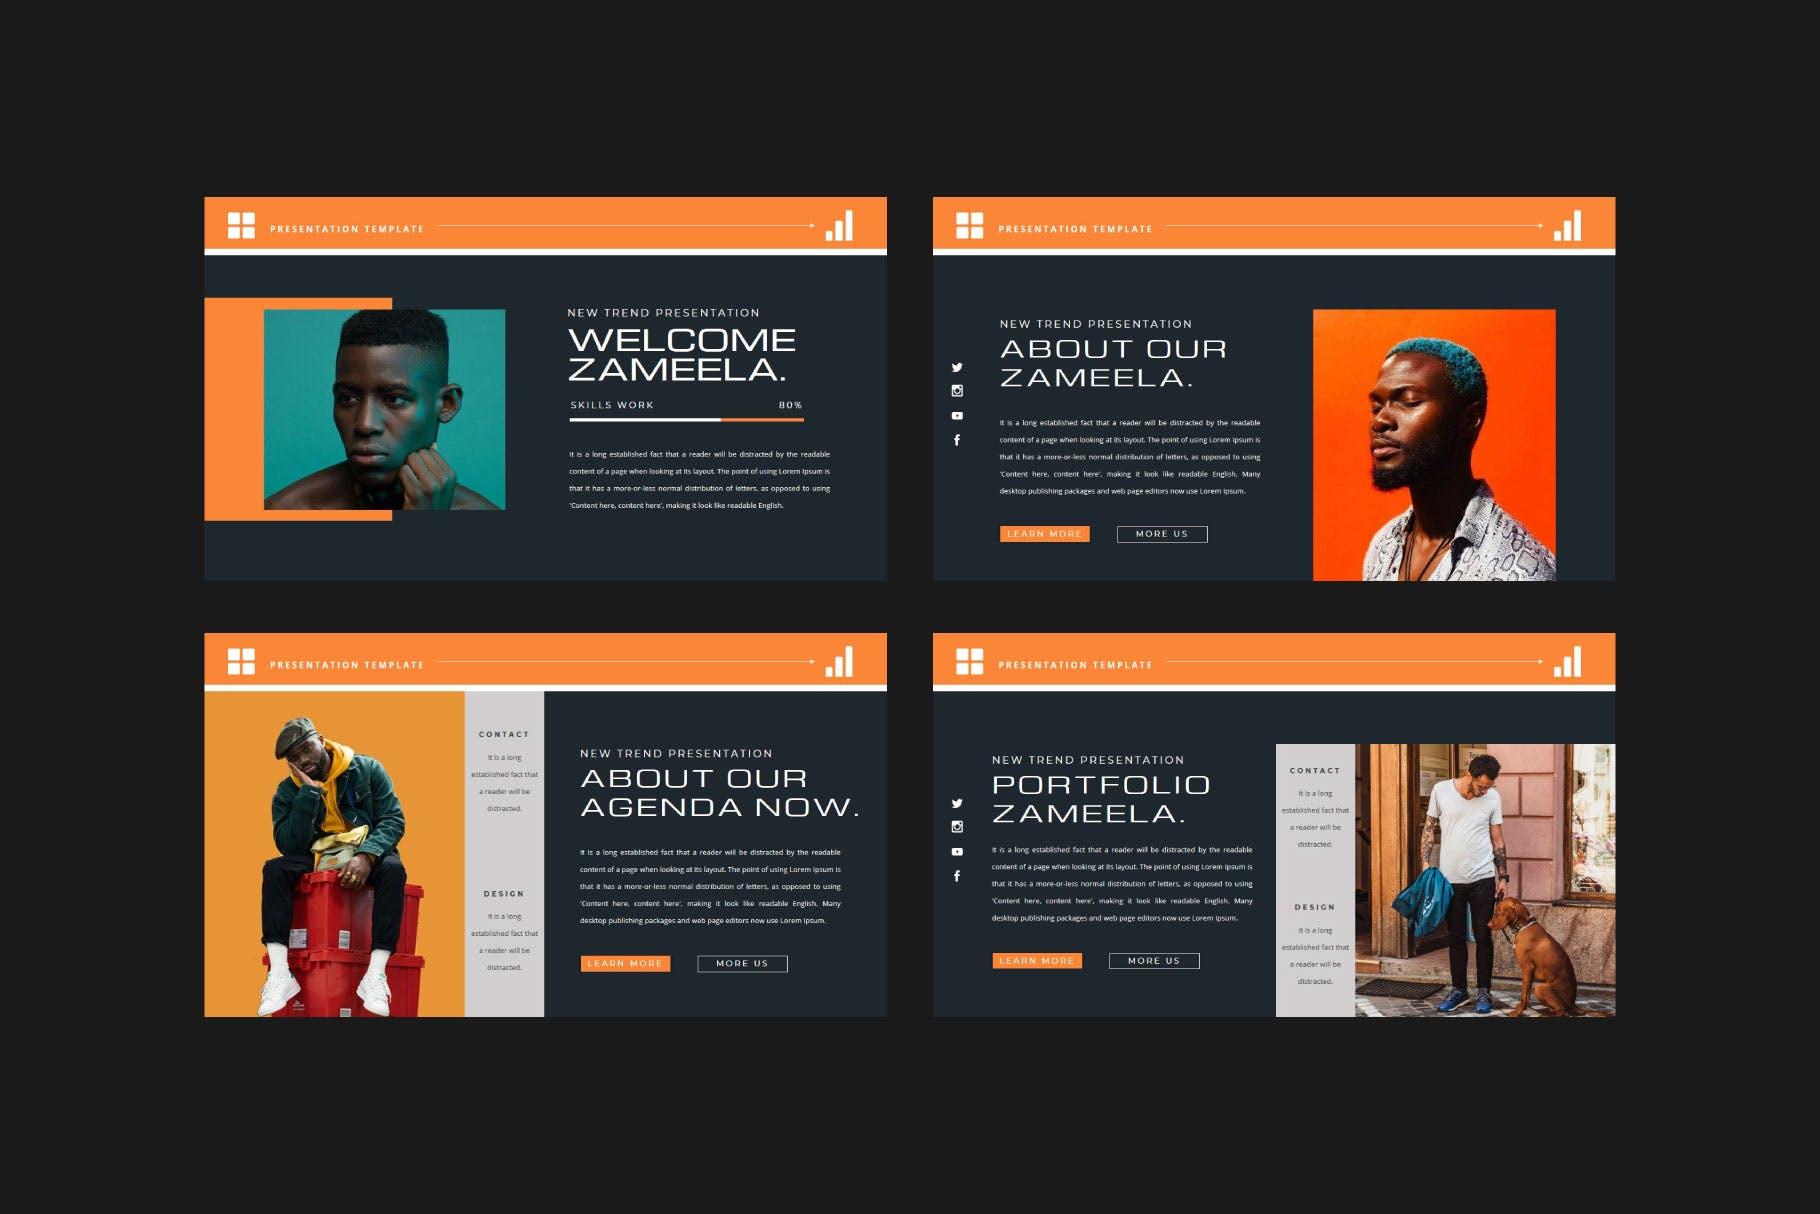 潮流品牌服装摄影作品集演示文稿设计模板 ZAMEELA Powerpoint Template插图1